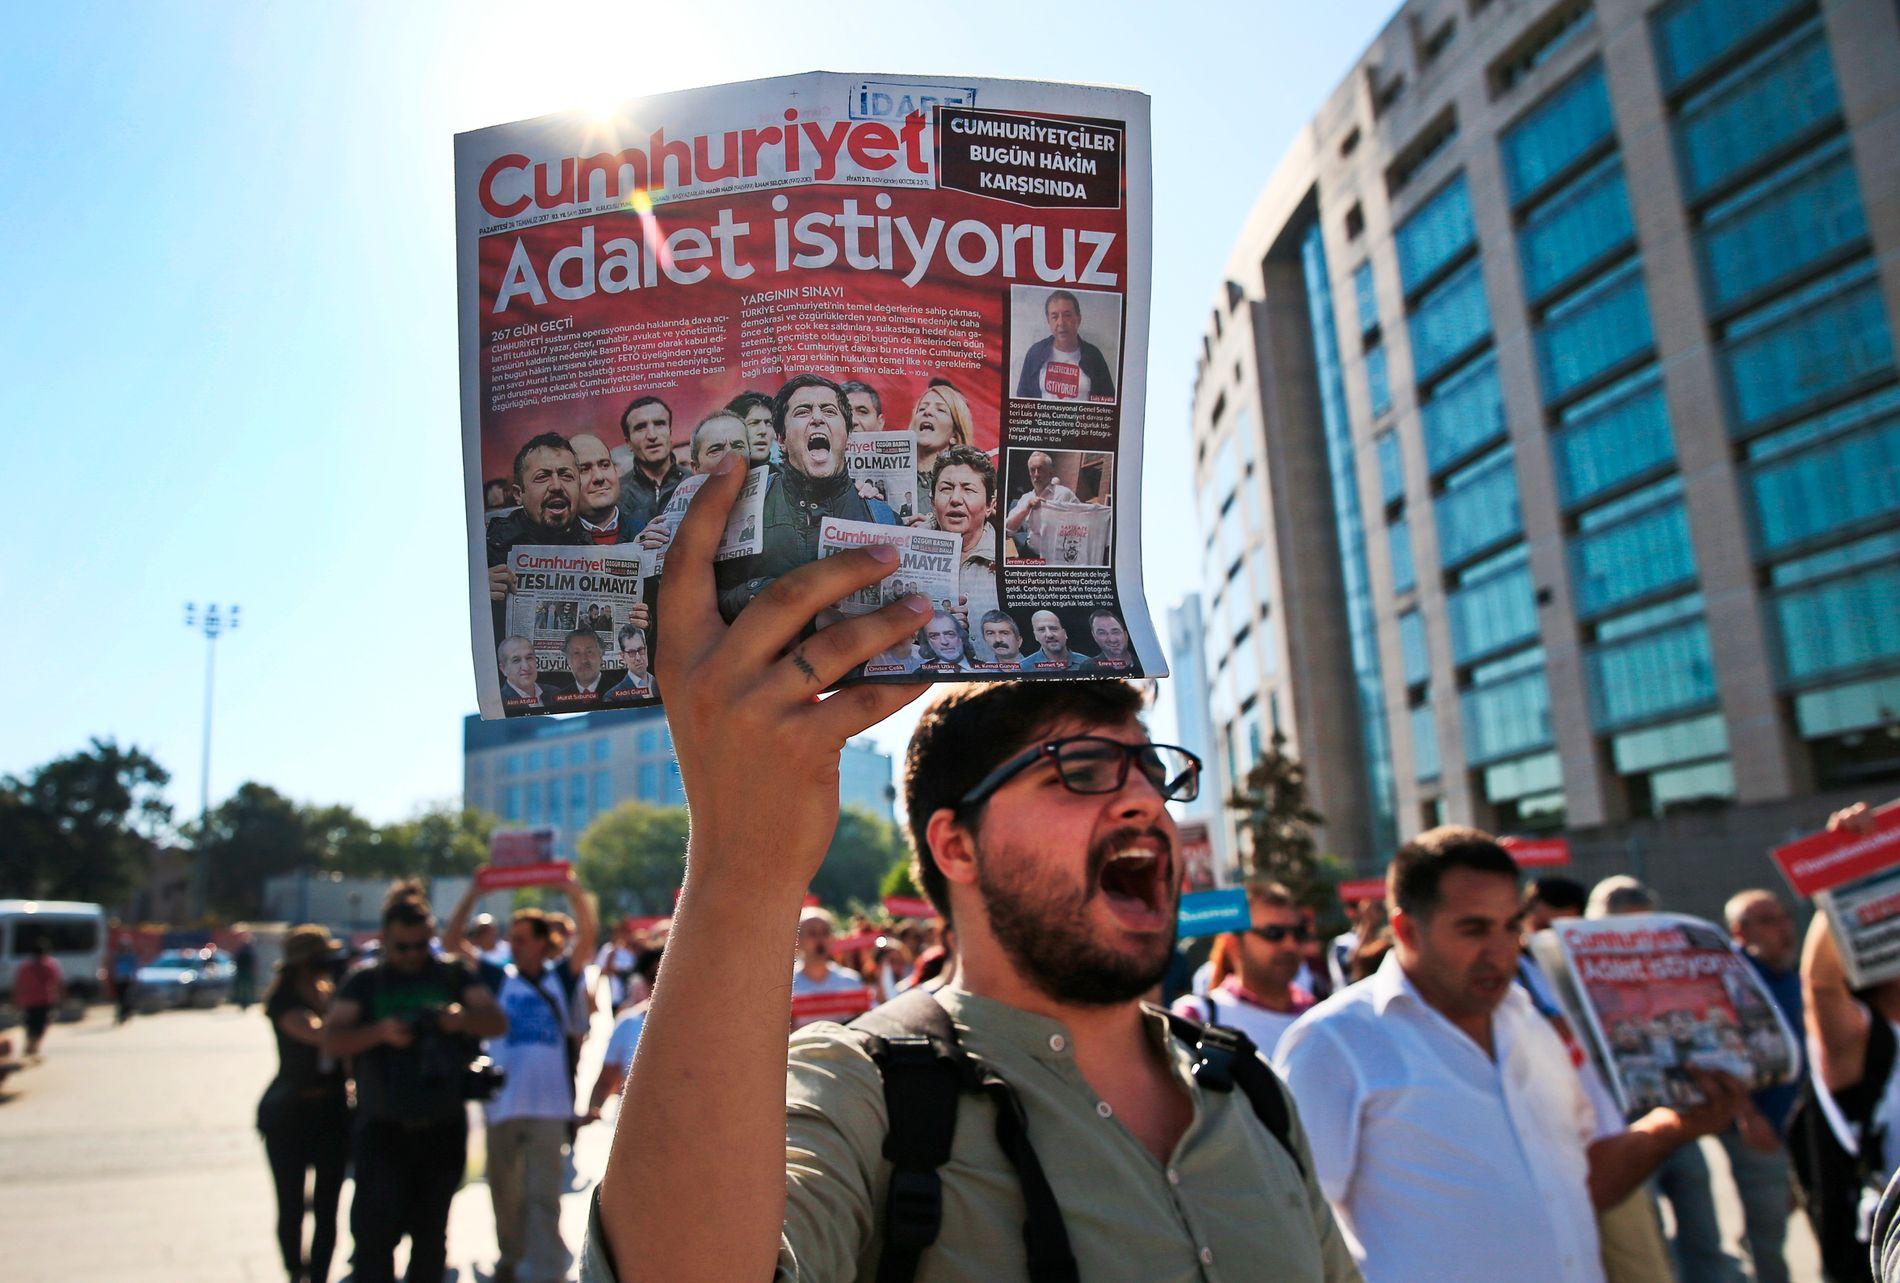 STØTTESPILLER: En aktivist som støtter avisen Cumhuriyet utenfor rettsbygget i Istanbul mandag. Avisen anses for å tilhøre venstresiden i Tyrkia, og for å støtte opp om sekulære verdier.